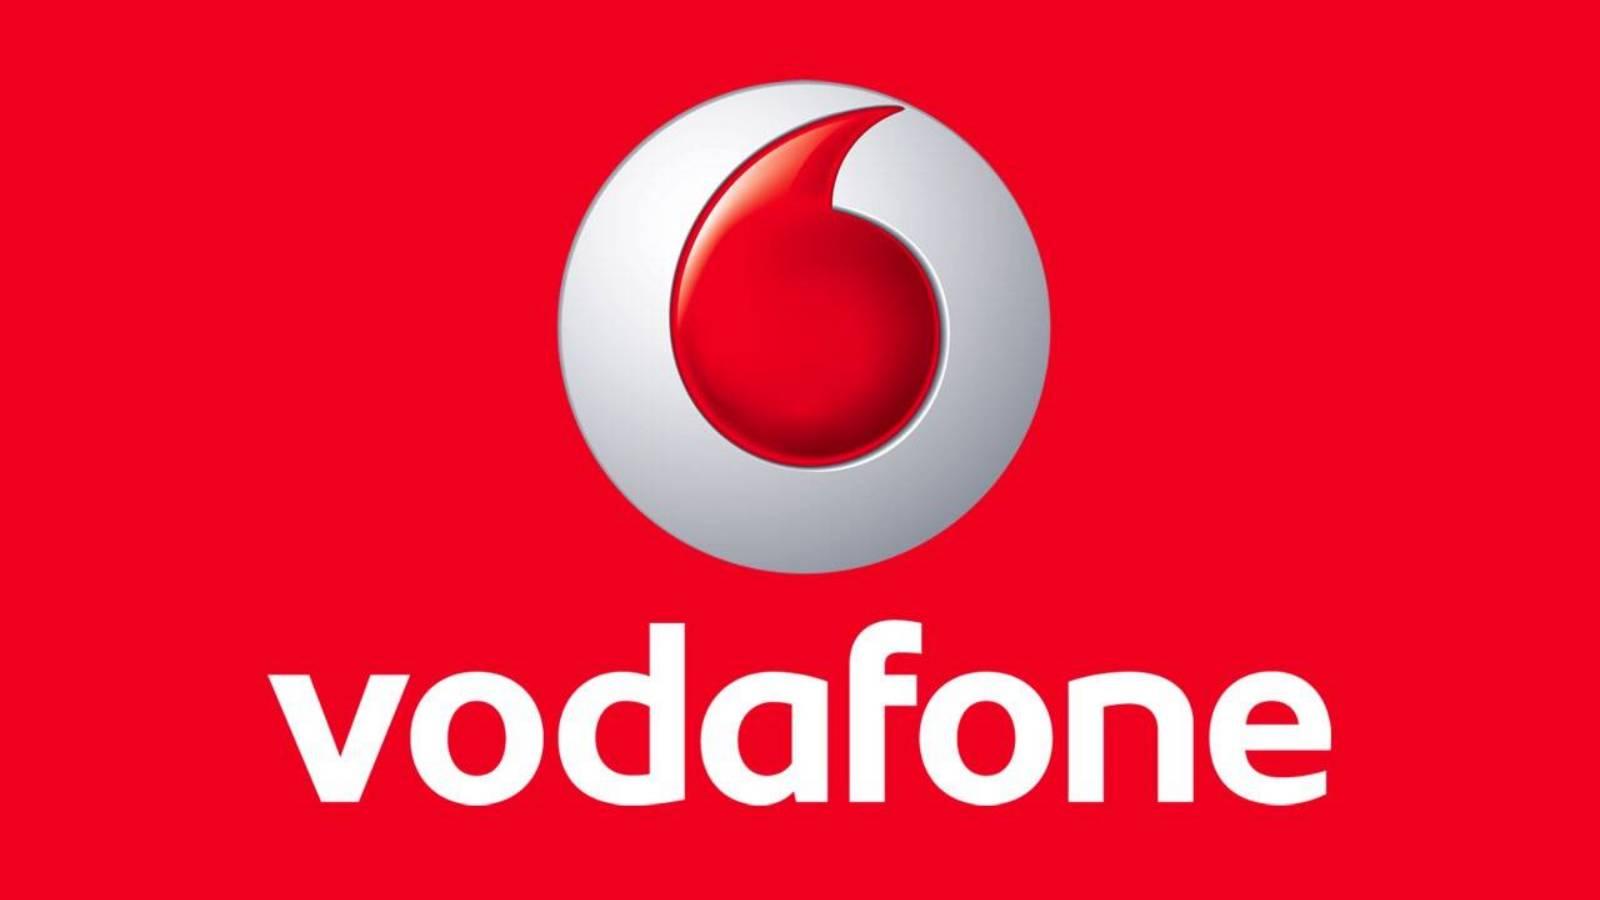 Vodafone comedy